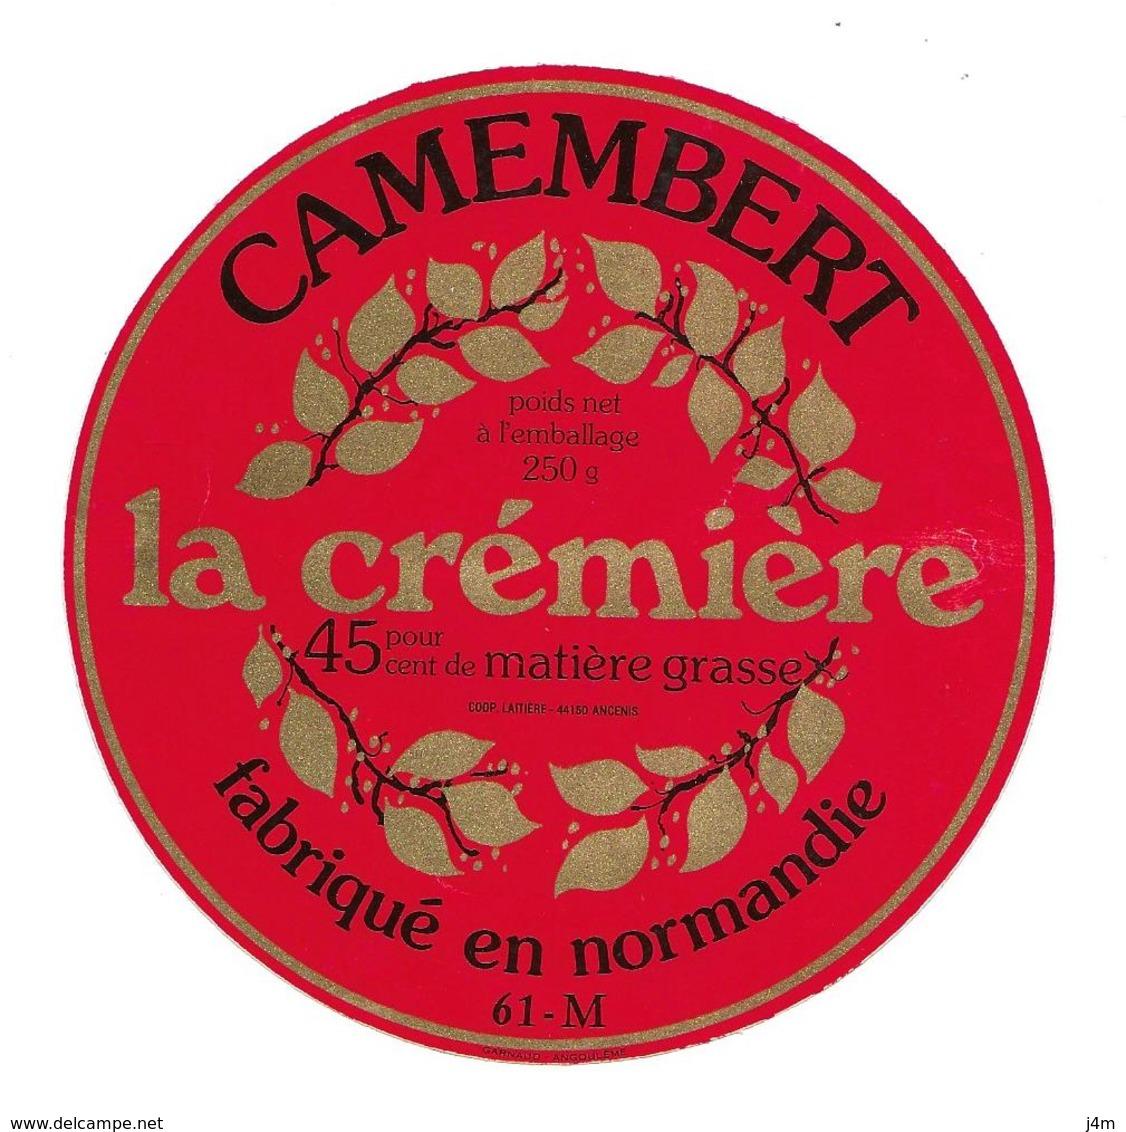 ETIQUETTE De FROMAGE..CAMEMBERT Fabriqué En NORMANDIE (Orne 61-M)..La Crémière - Cheese